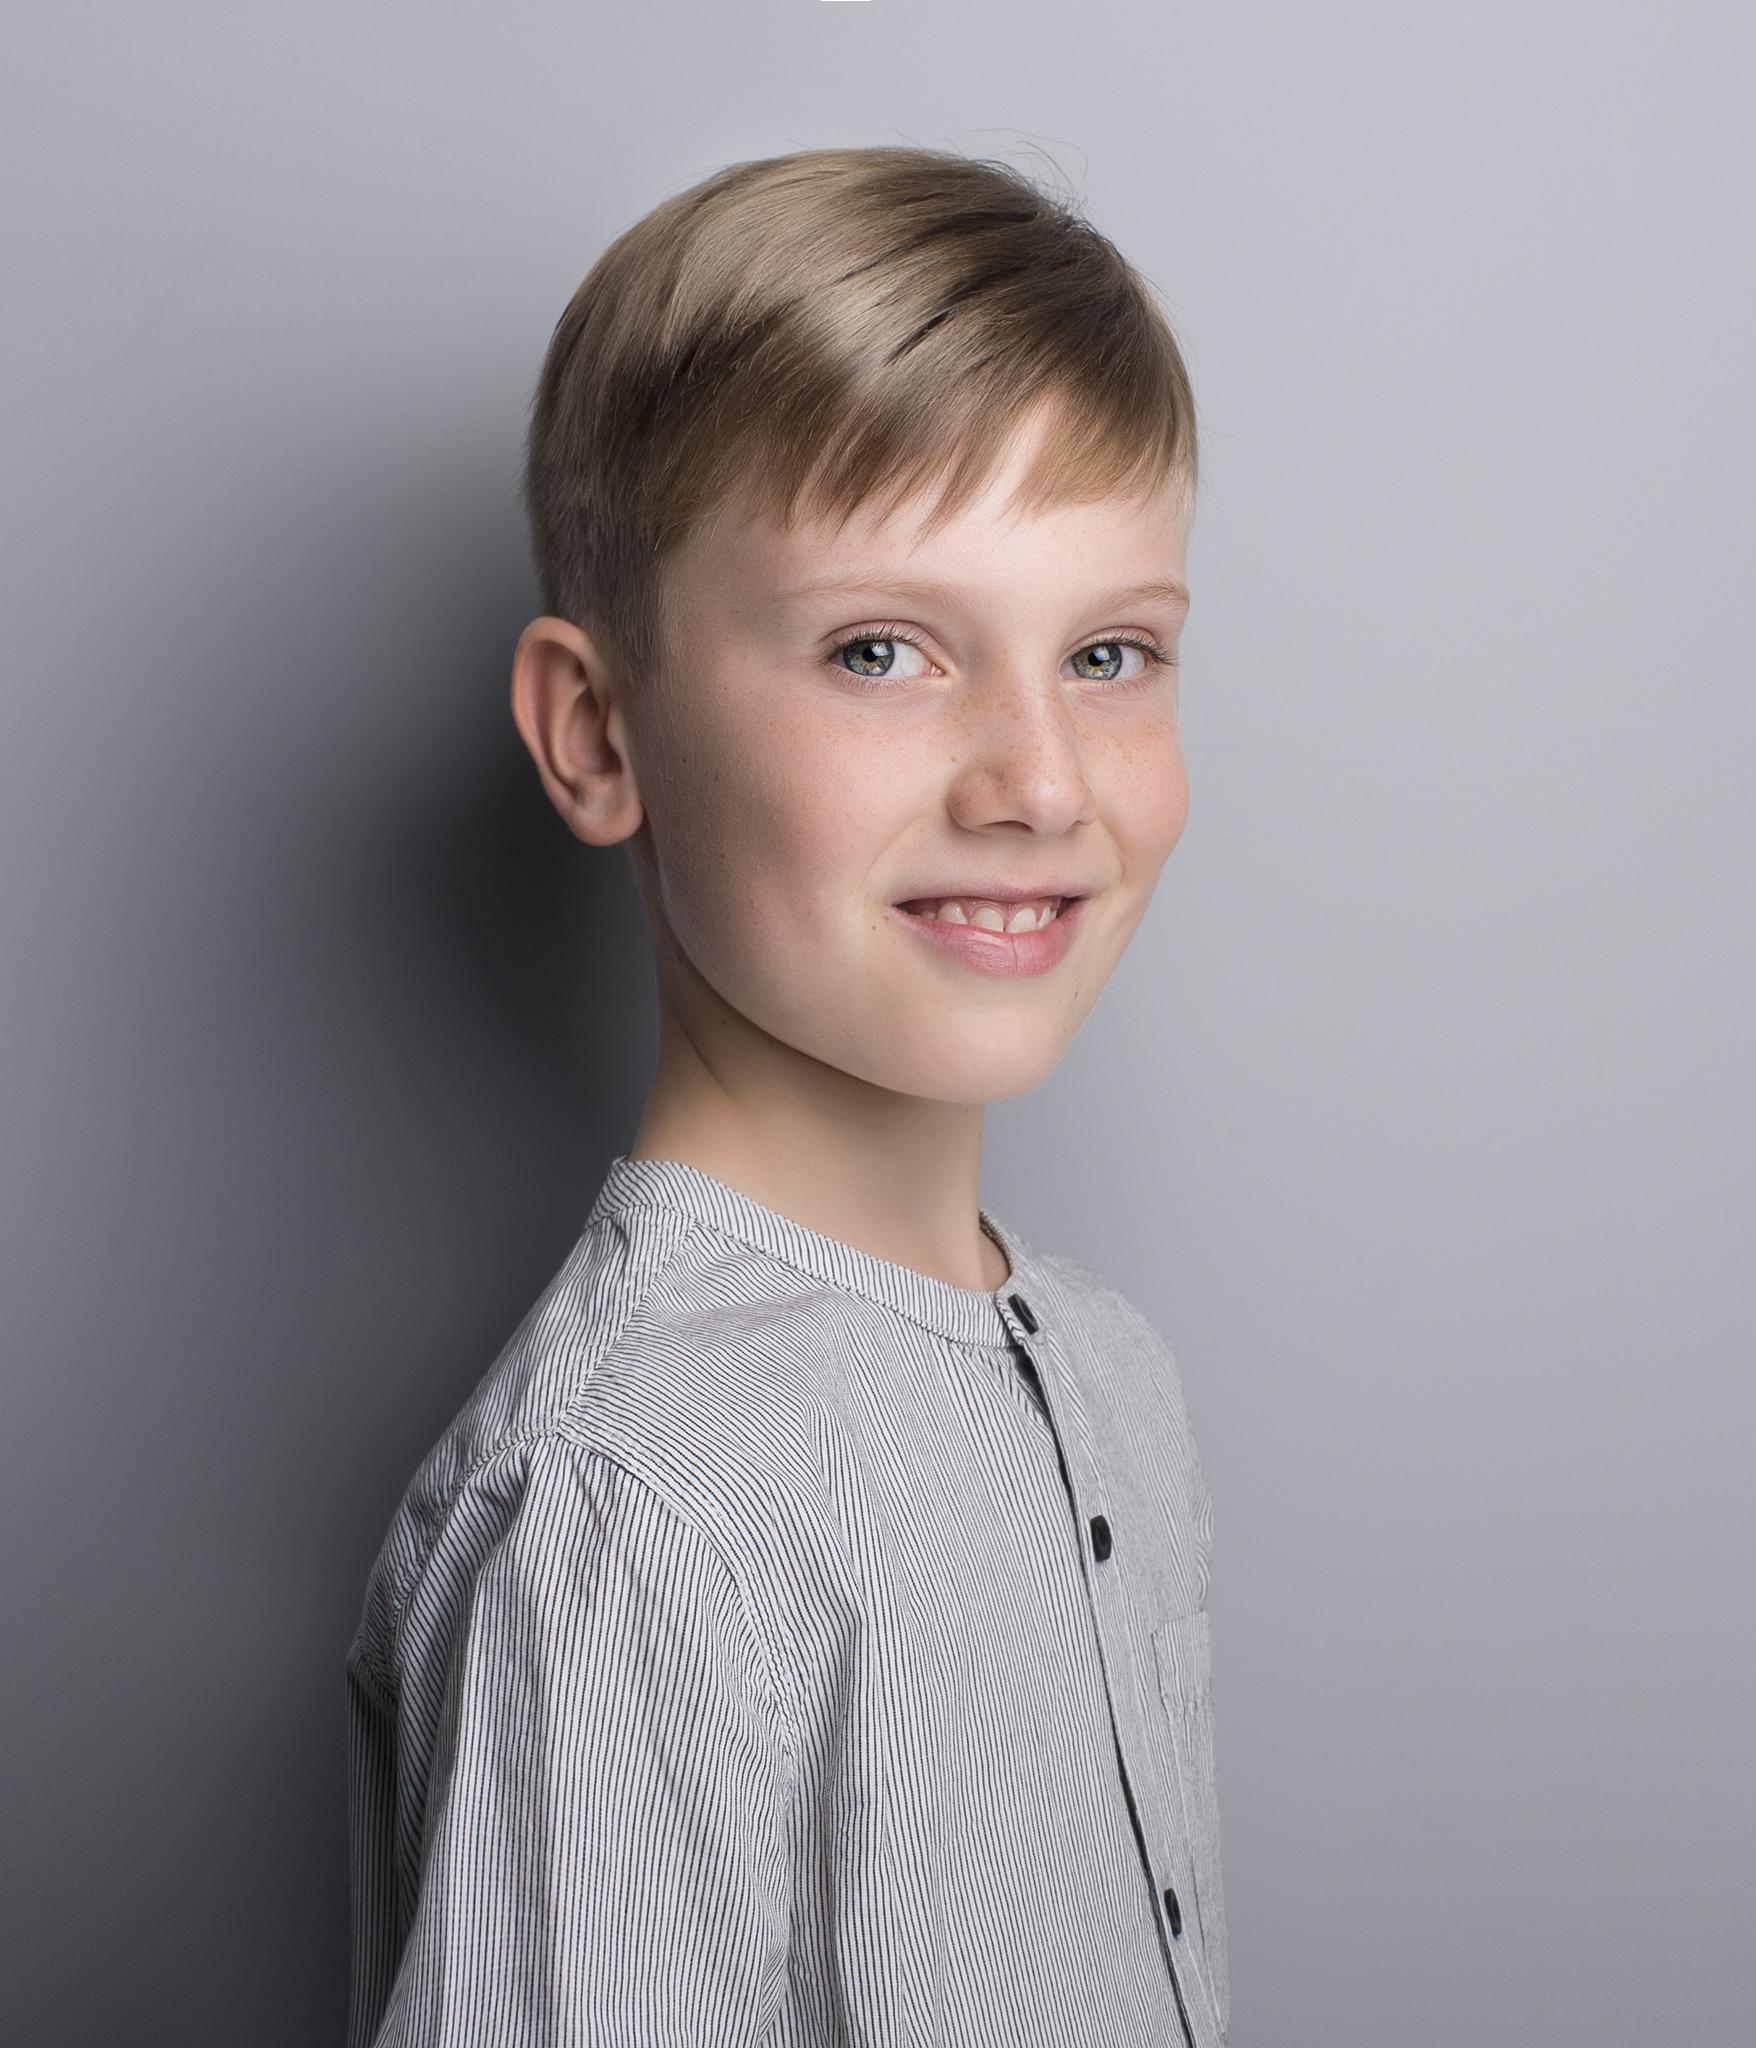 elizabethgfineartphotography_kingslangley_model_actor_dancer_louis_parker_elliottparkermanagement.jpg